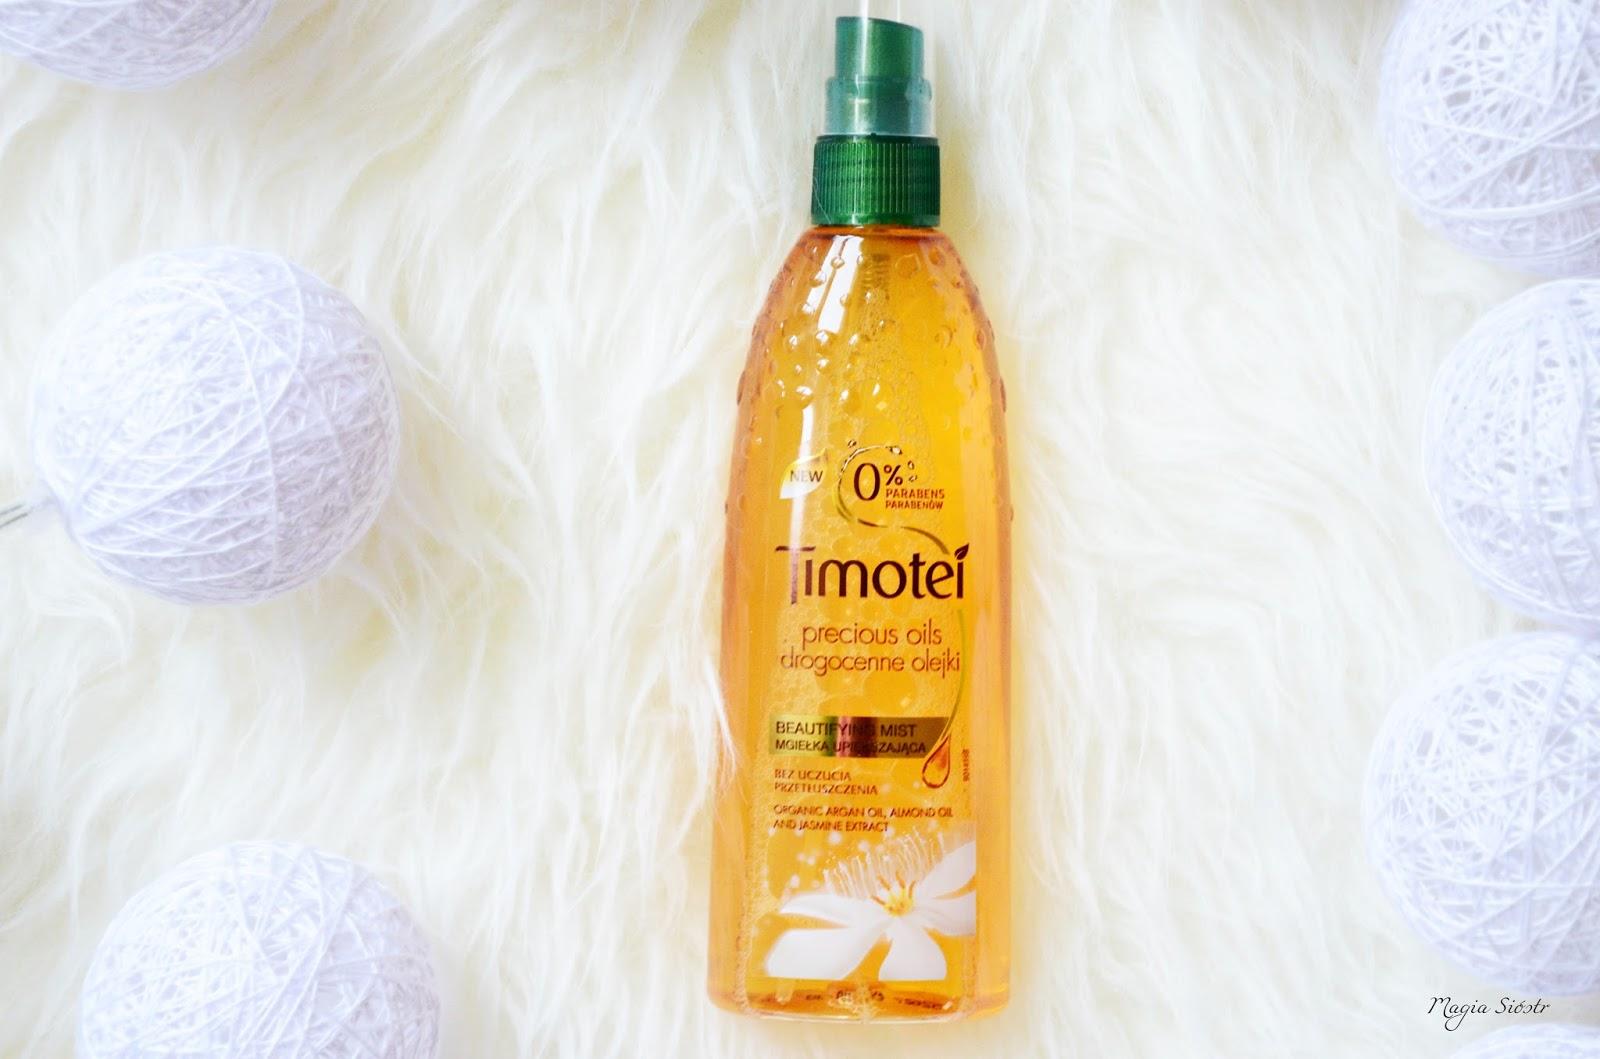 kosmetyki Timotei - Drogocenne Olejki, kosmetyki do włosów, mgiełka do włosów, odżywka w sprayu do włosów, suche włosy